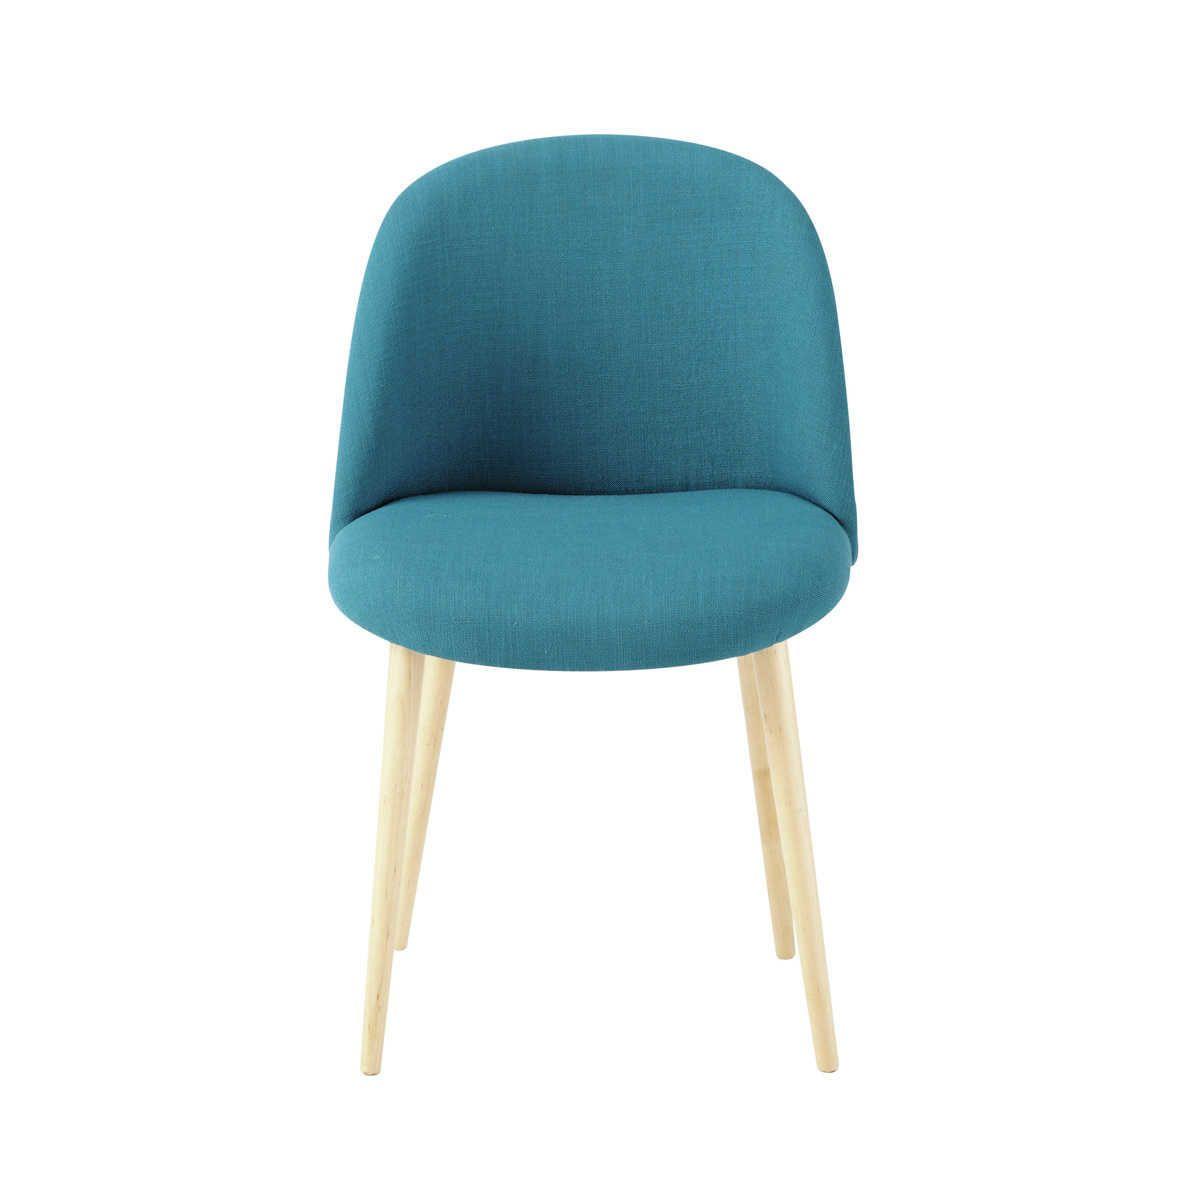 Chaise Vintage En Tissu Et Bouleau Massif Bleu Petrole Mauricette Chaise Vintage Chaises D Epoque Chaise